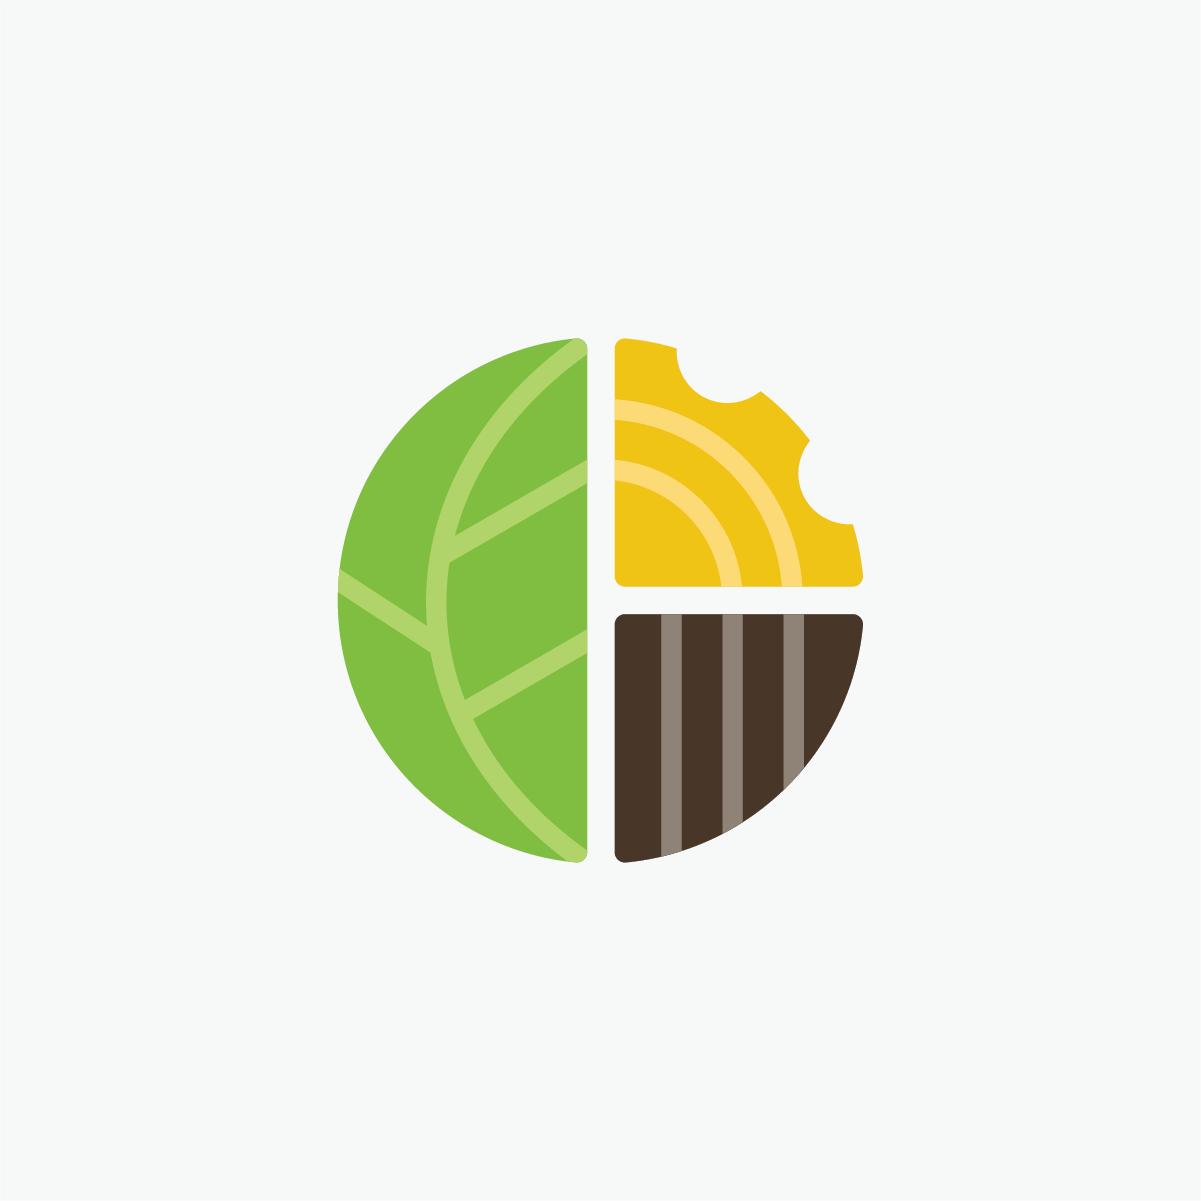 JD_Logos-04.png